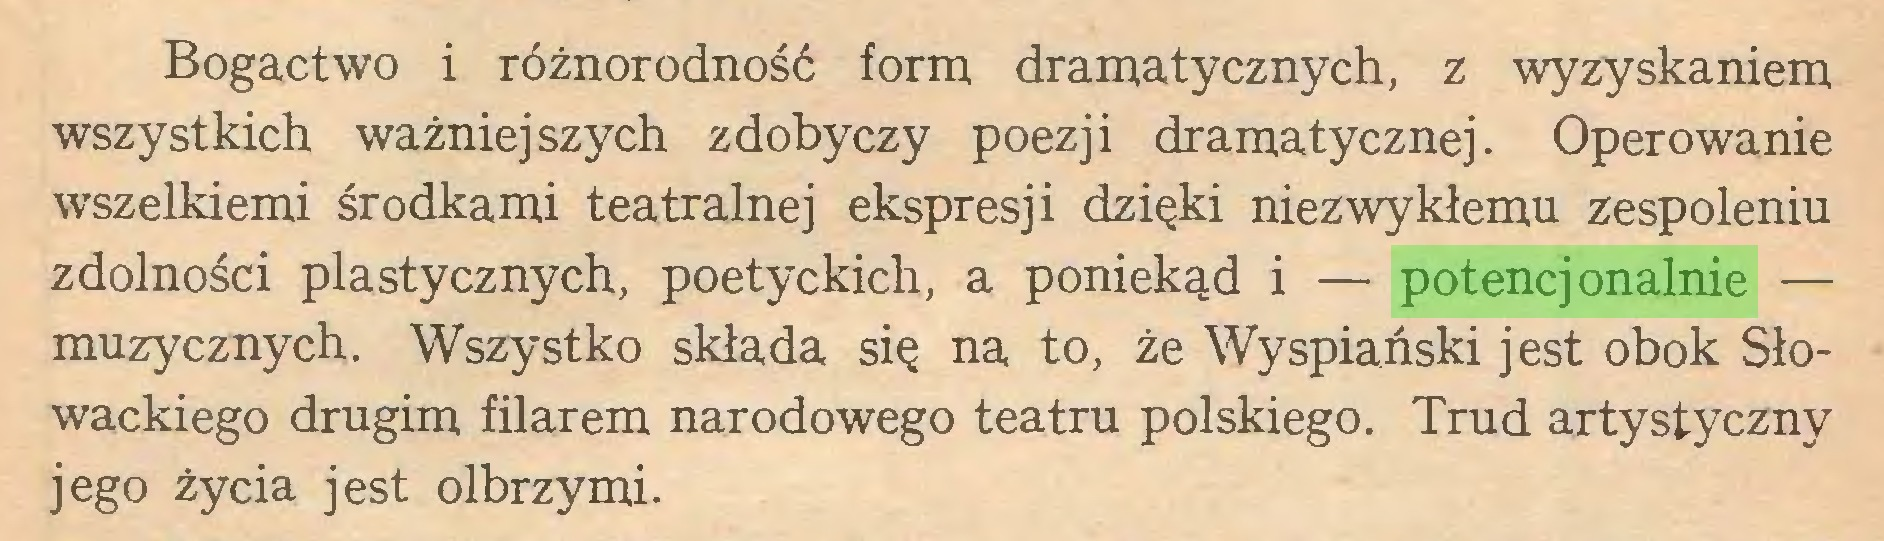 (...) Bogactwo i różnorodność form dramatycznych, z wyzyskaniem wszystkich ważniejszych zdobyczy poezji dramatycznej. Operowanie wszelkiemi środkami teatralnej ekspresji dzięki niezwykłemu zespoleniu zdolności plastycznych, poetyckich, a poniekąd i — potencjonalnie — muzycznych. Wszystko składa się na to, że Wyspiański jest obok Słowackiego drugim filarem narodowego teatru polskiego. Trud artystyczny jego życia jest olbrzymi...